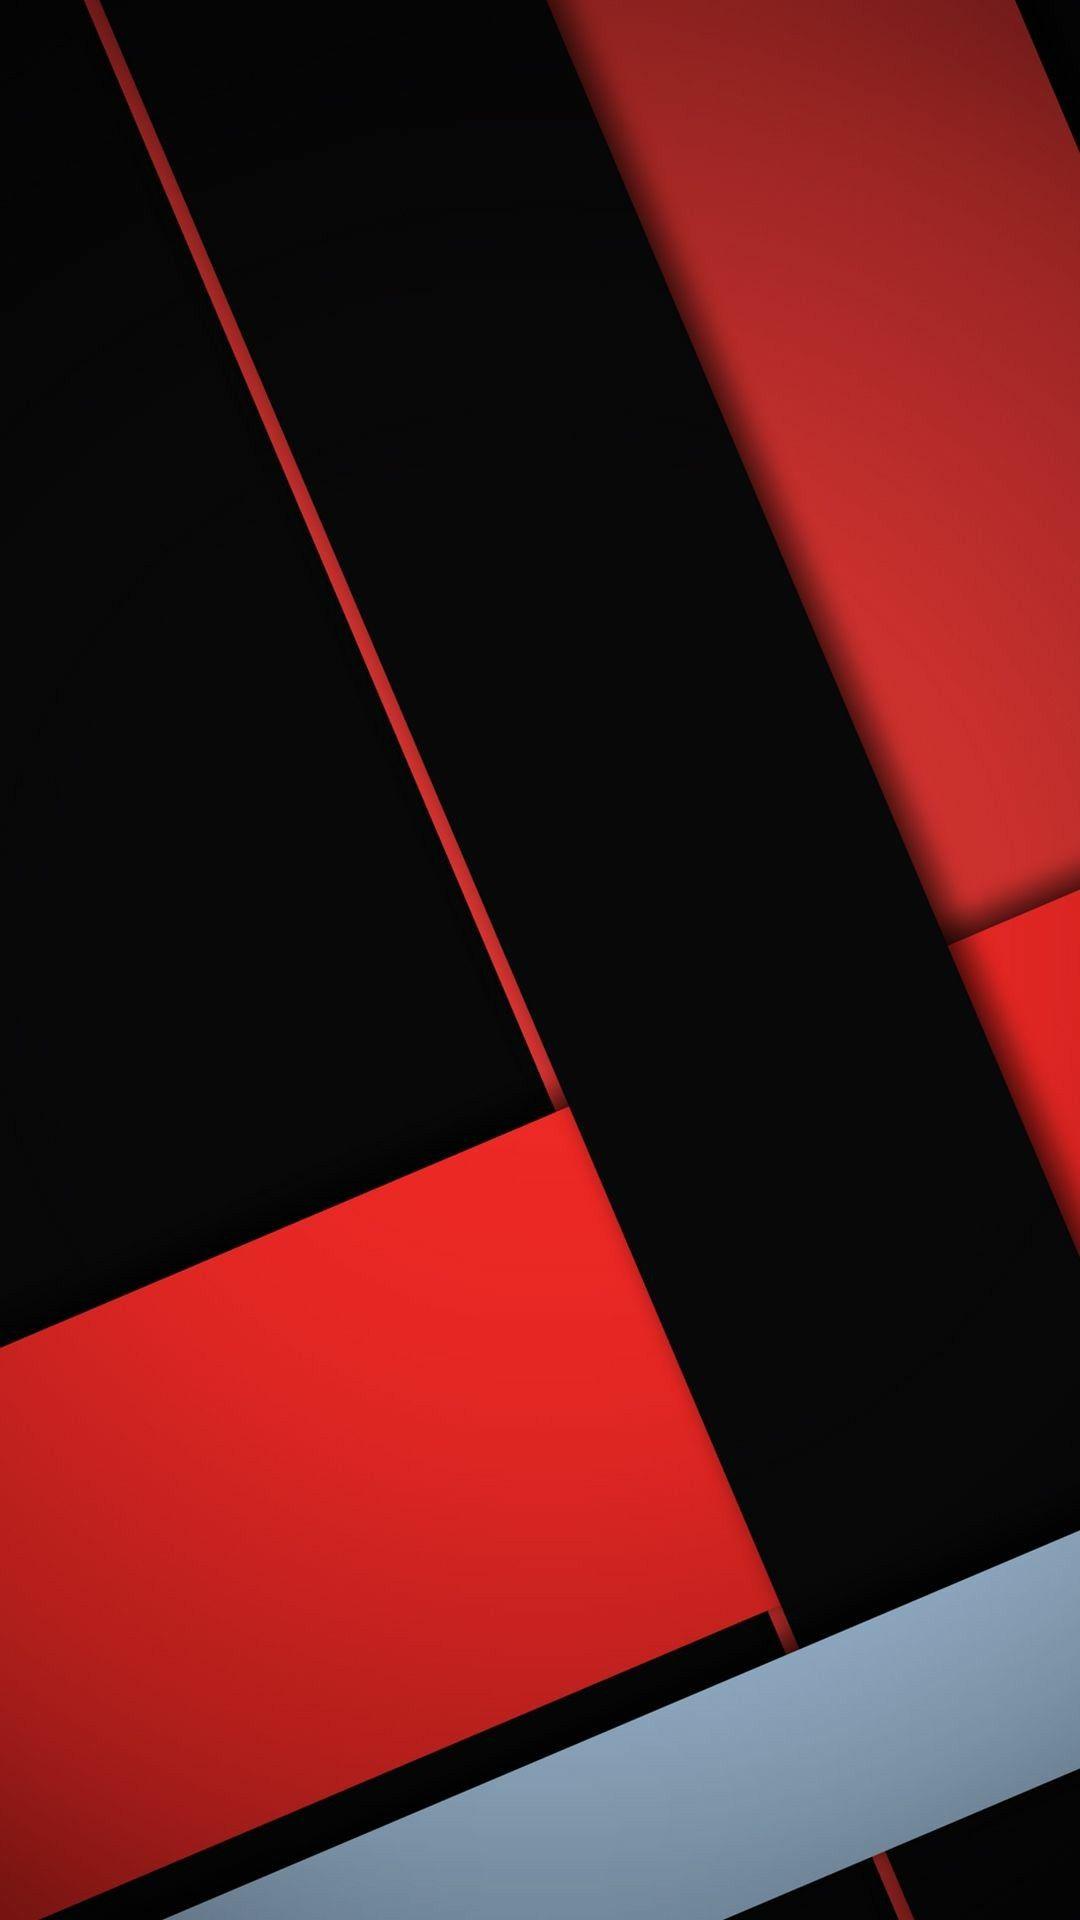 Simple Basic Minimalist Wallpaper Minimalist Wallpaper Simple Wallpapers Material Design